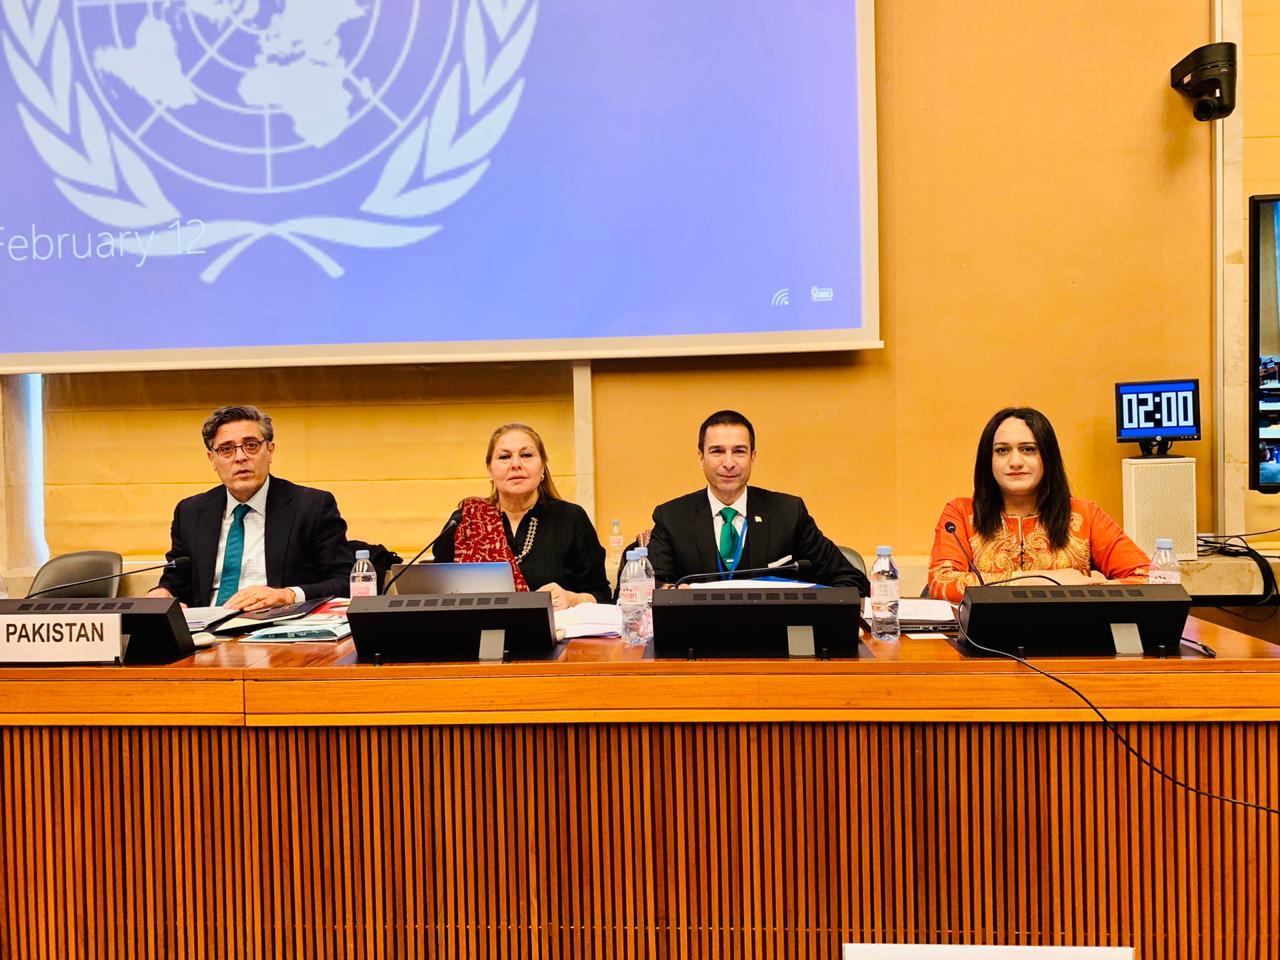 Photo of Transznemű nő írt történelmet az ENSZ-ben a pakisztáni delegáció tagjaként